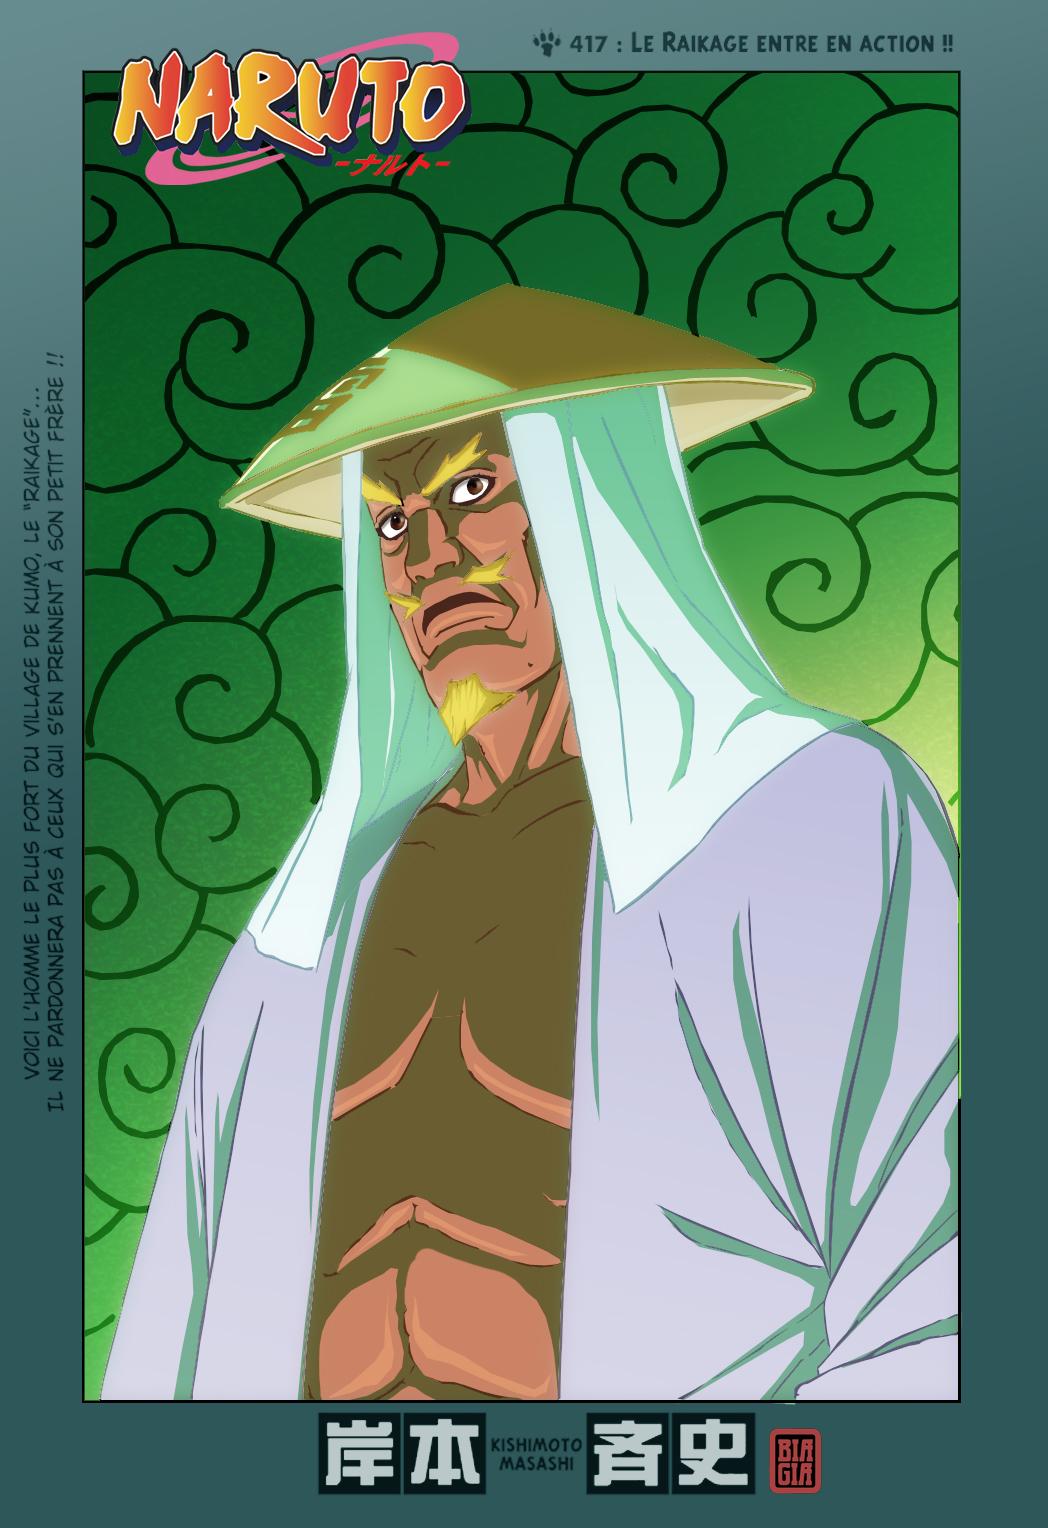 Naruto chapitre 417 colorisé - Page 1